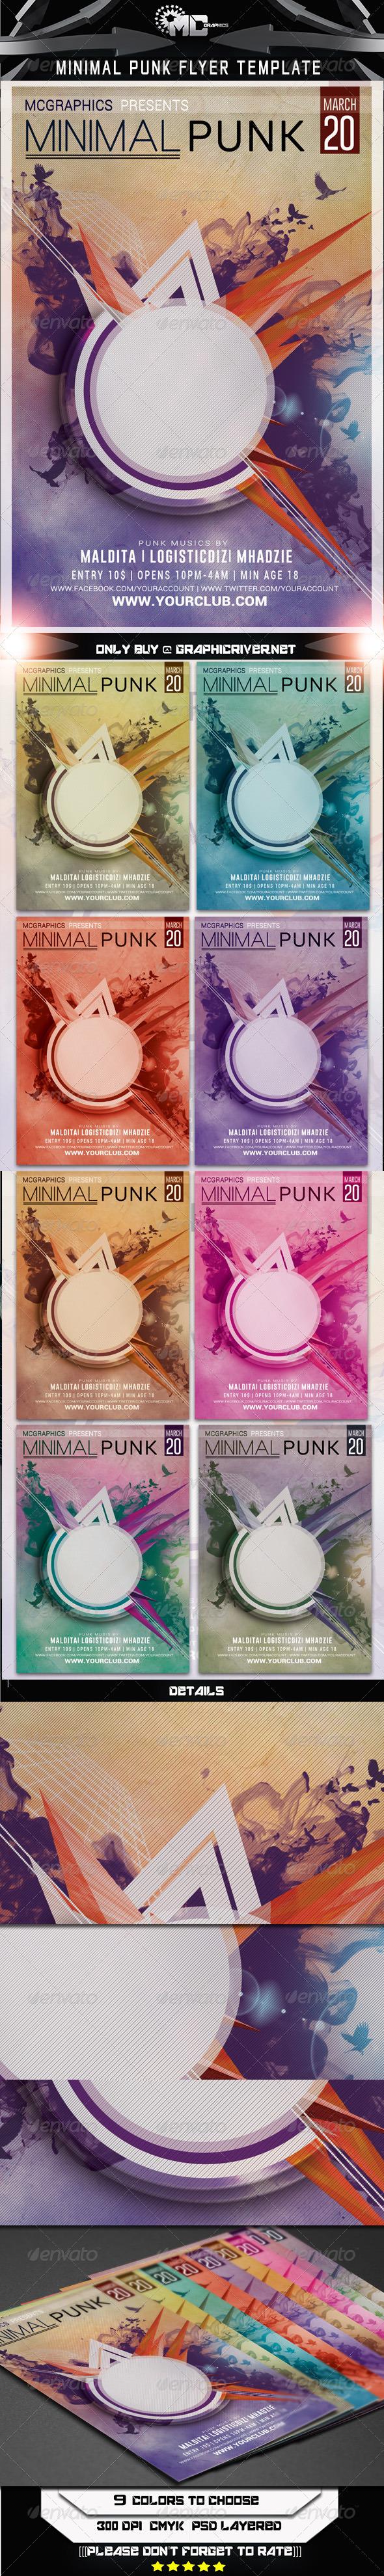 Minimal Punk Flyer Template - Flyers Print Templates